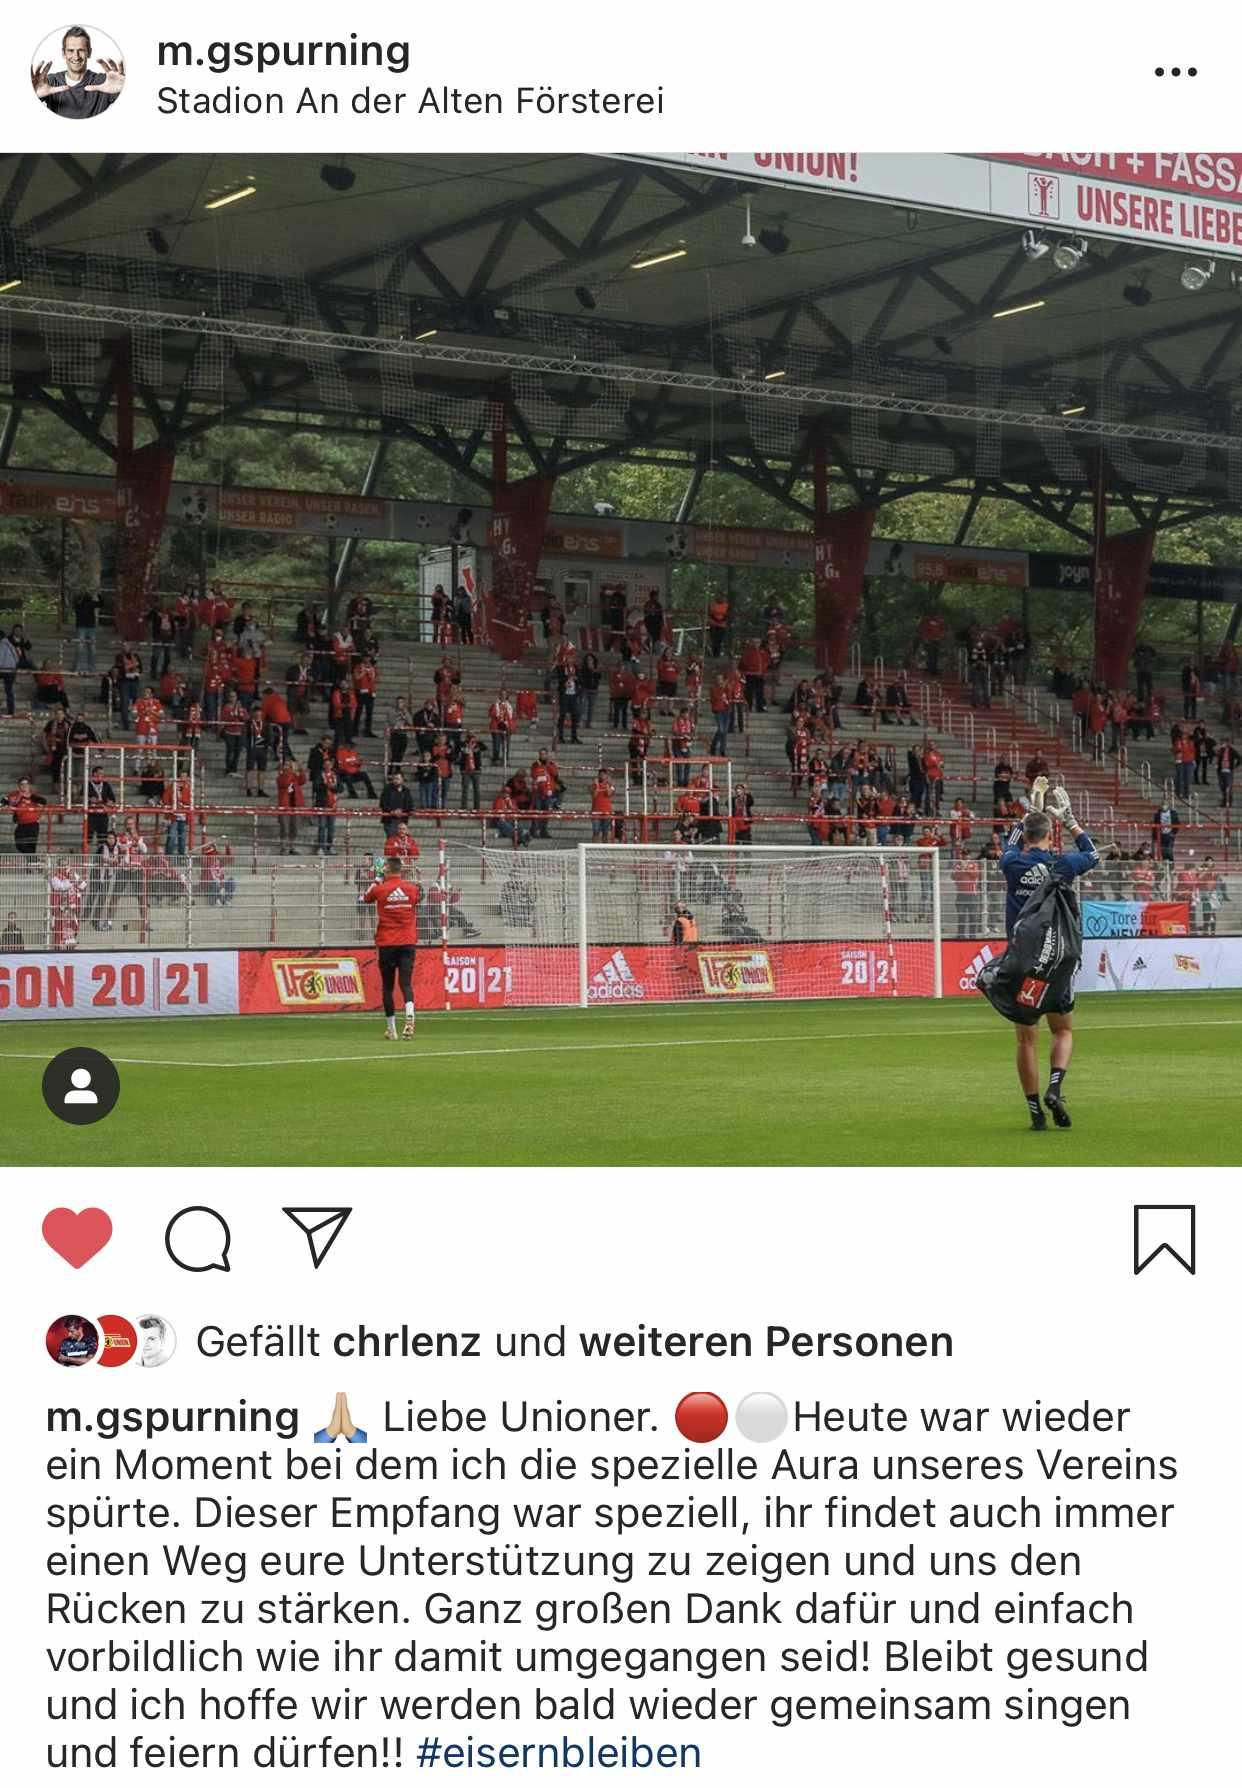 Michael Gspurning bedankt sich auf Instagram für den speziellen Support. Screenshot: Instagram @m.gspurning